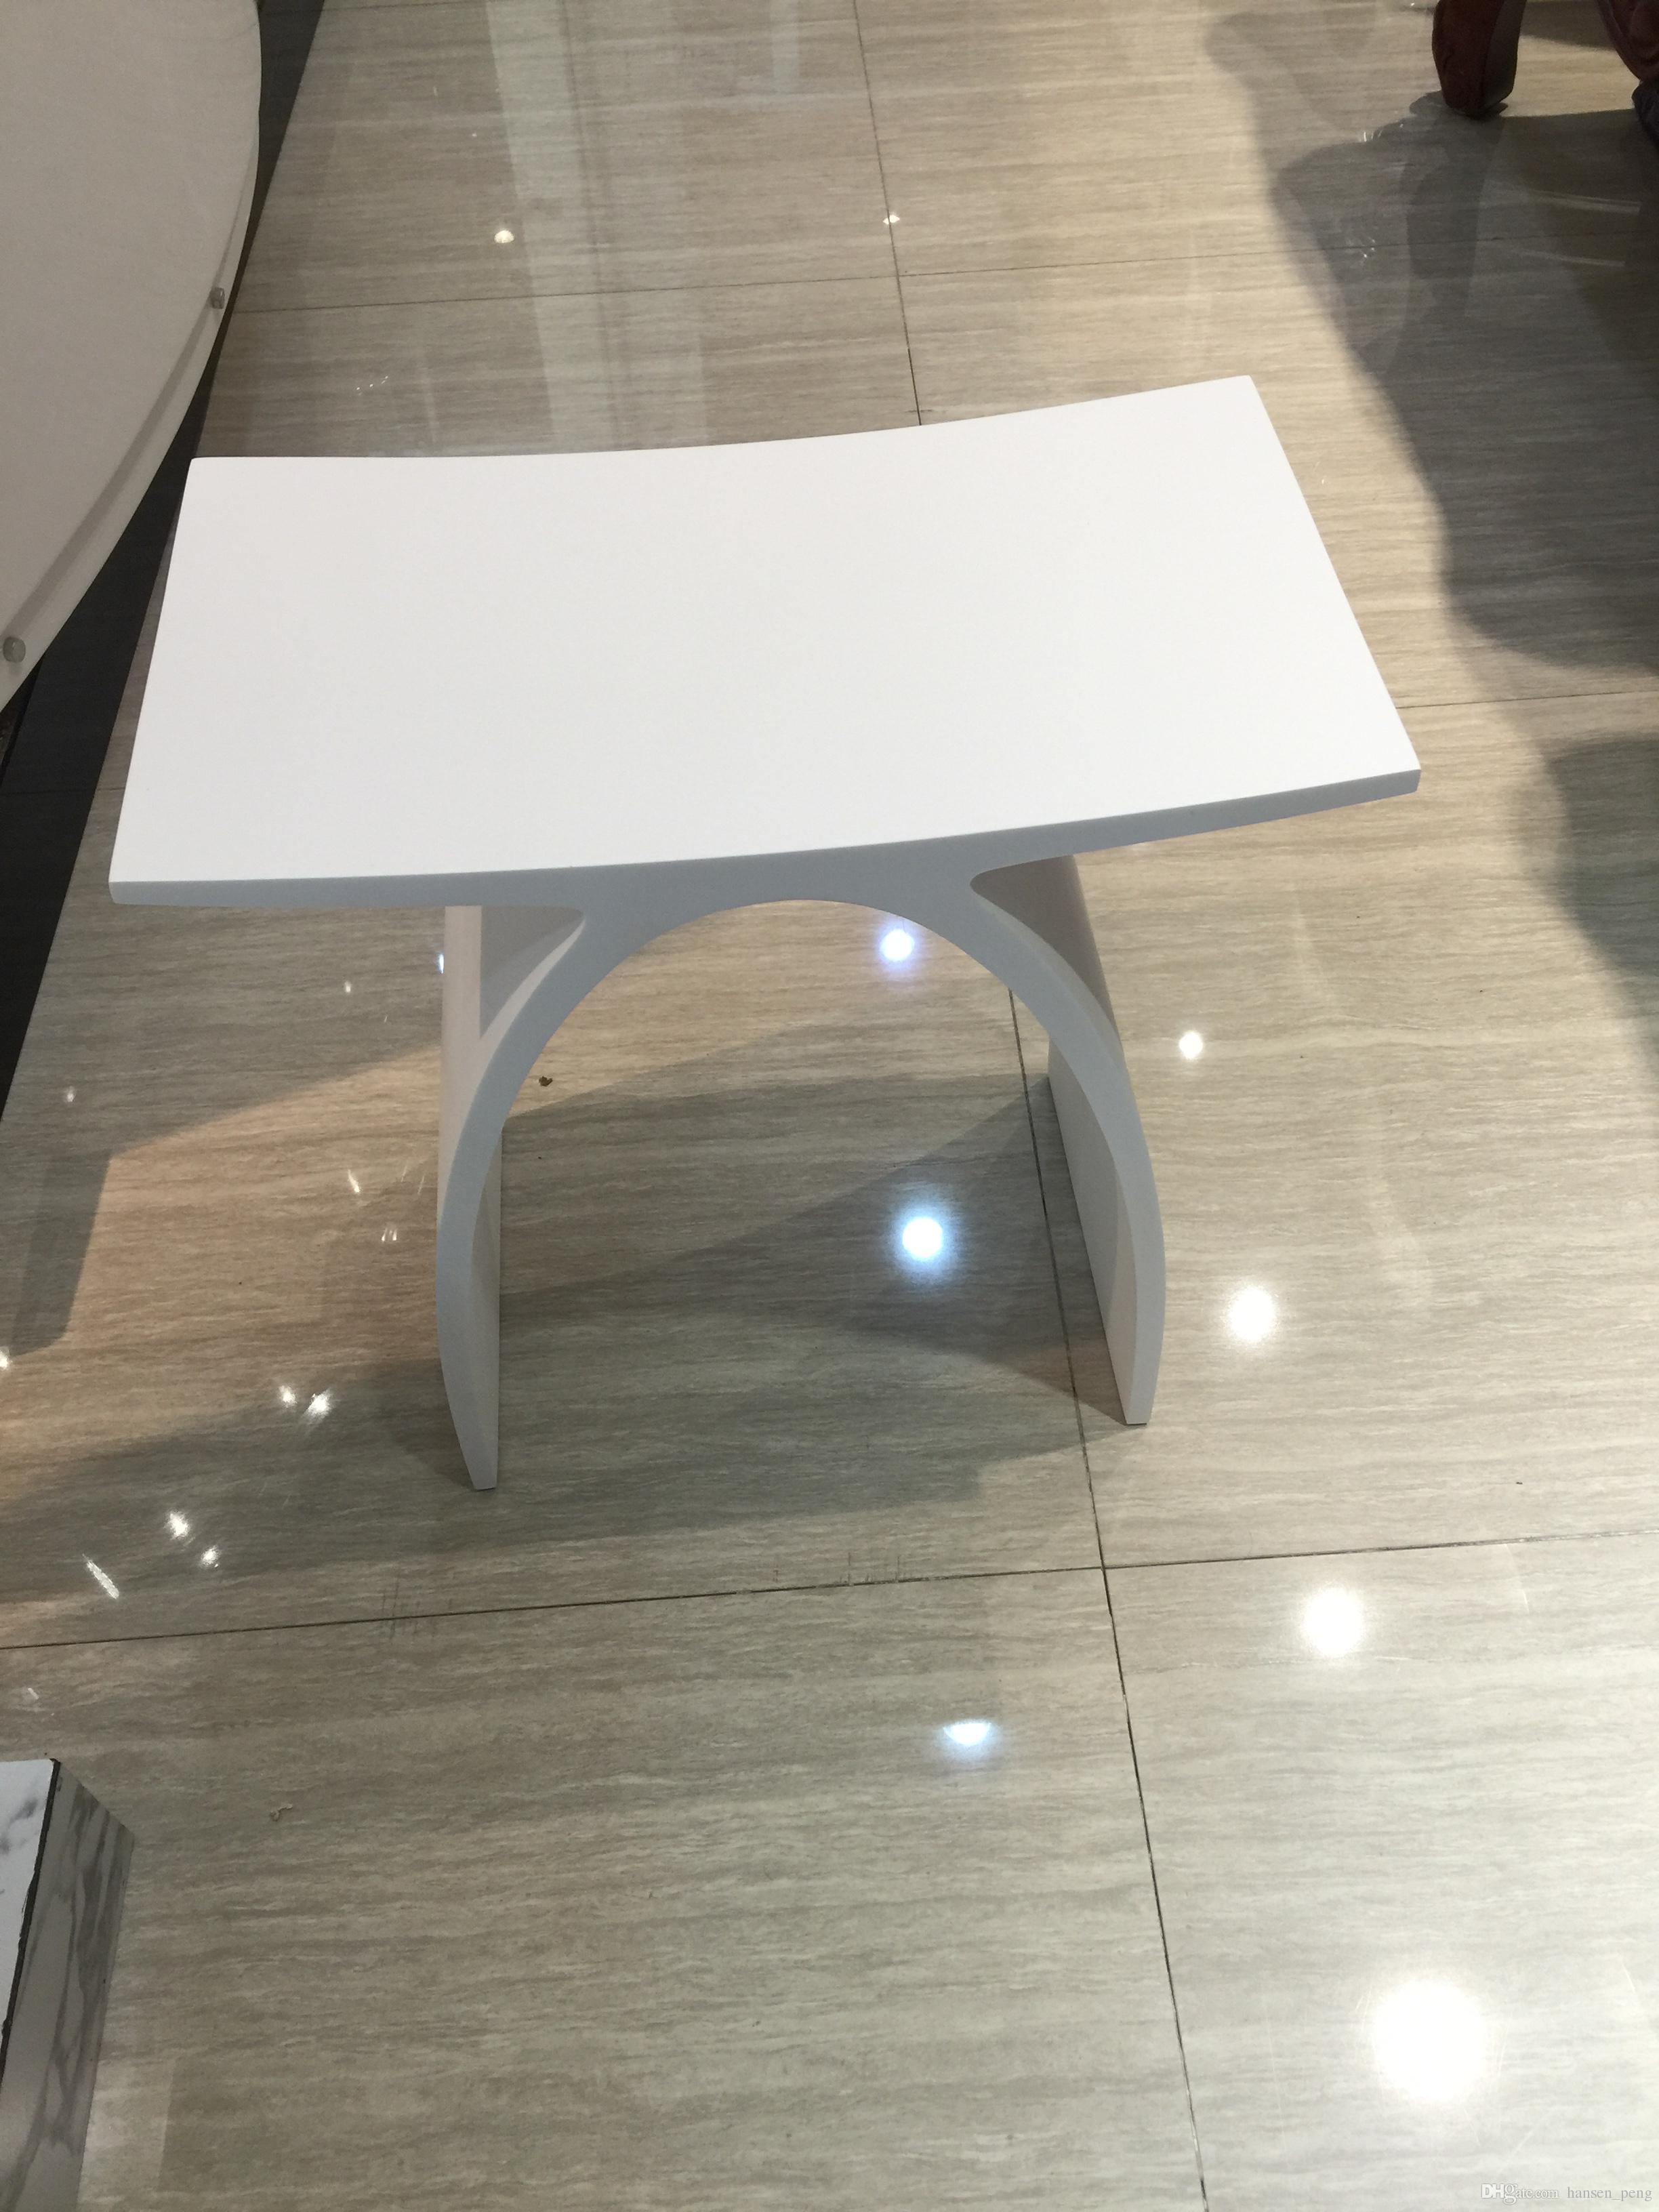 acheter nouveau matte moderne curved design salle de bain soiseau douche tabouret matt blanc acrylique sauna sauna chaises 0102 de 294 78 du